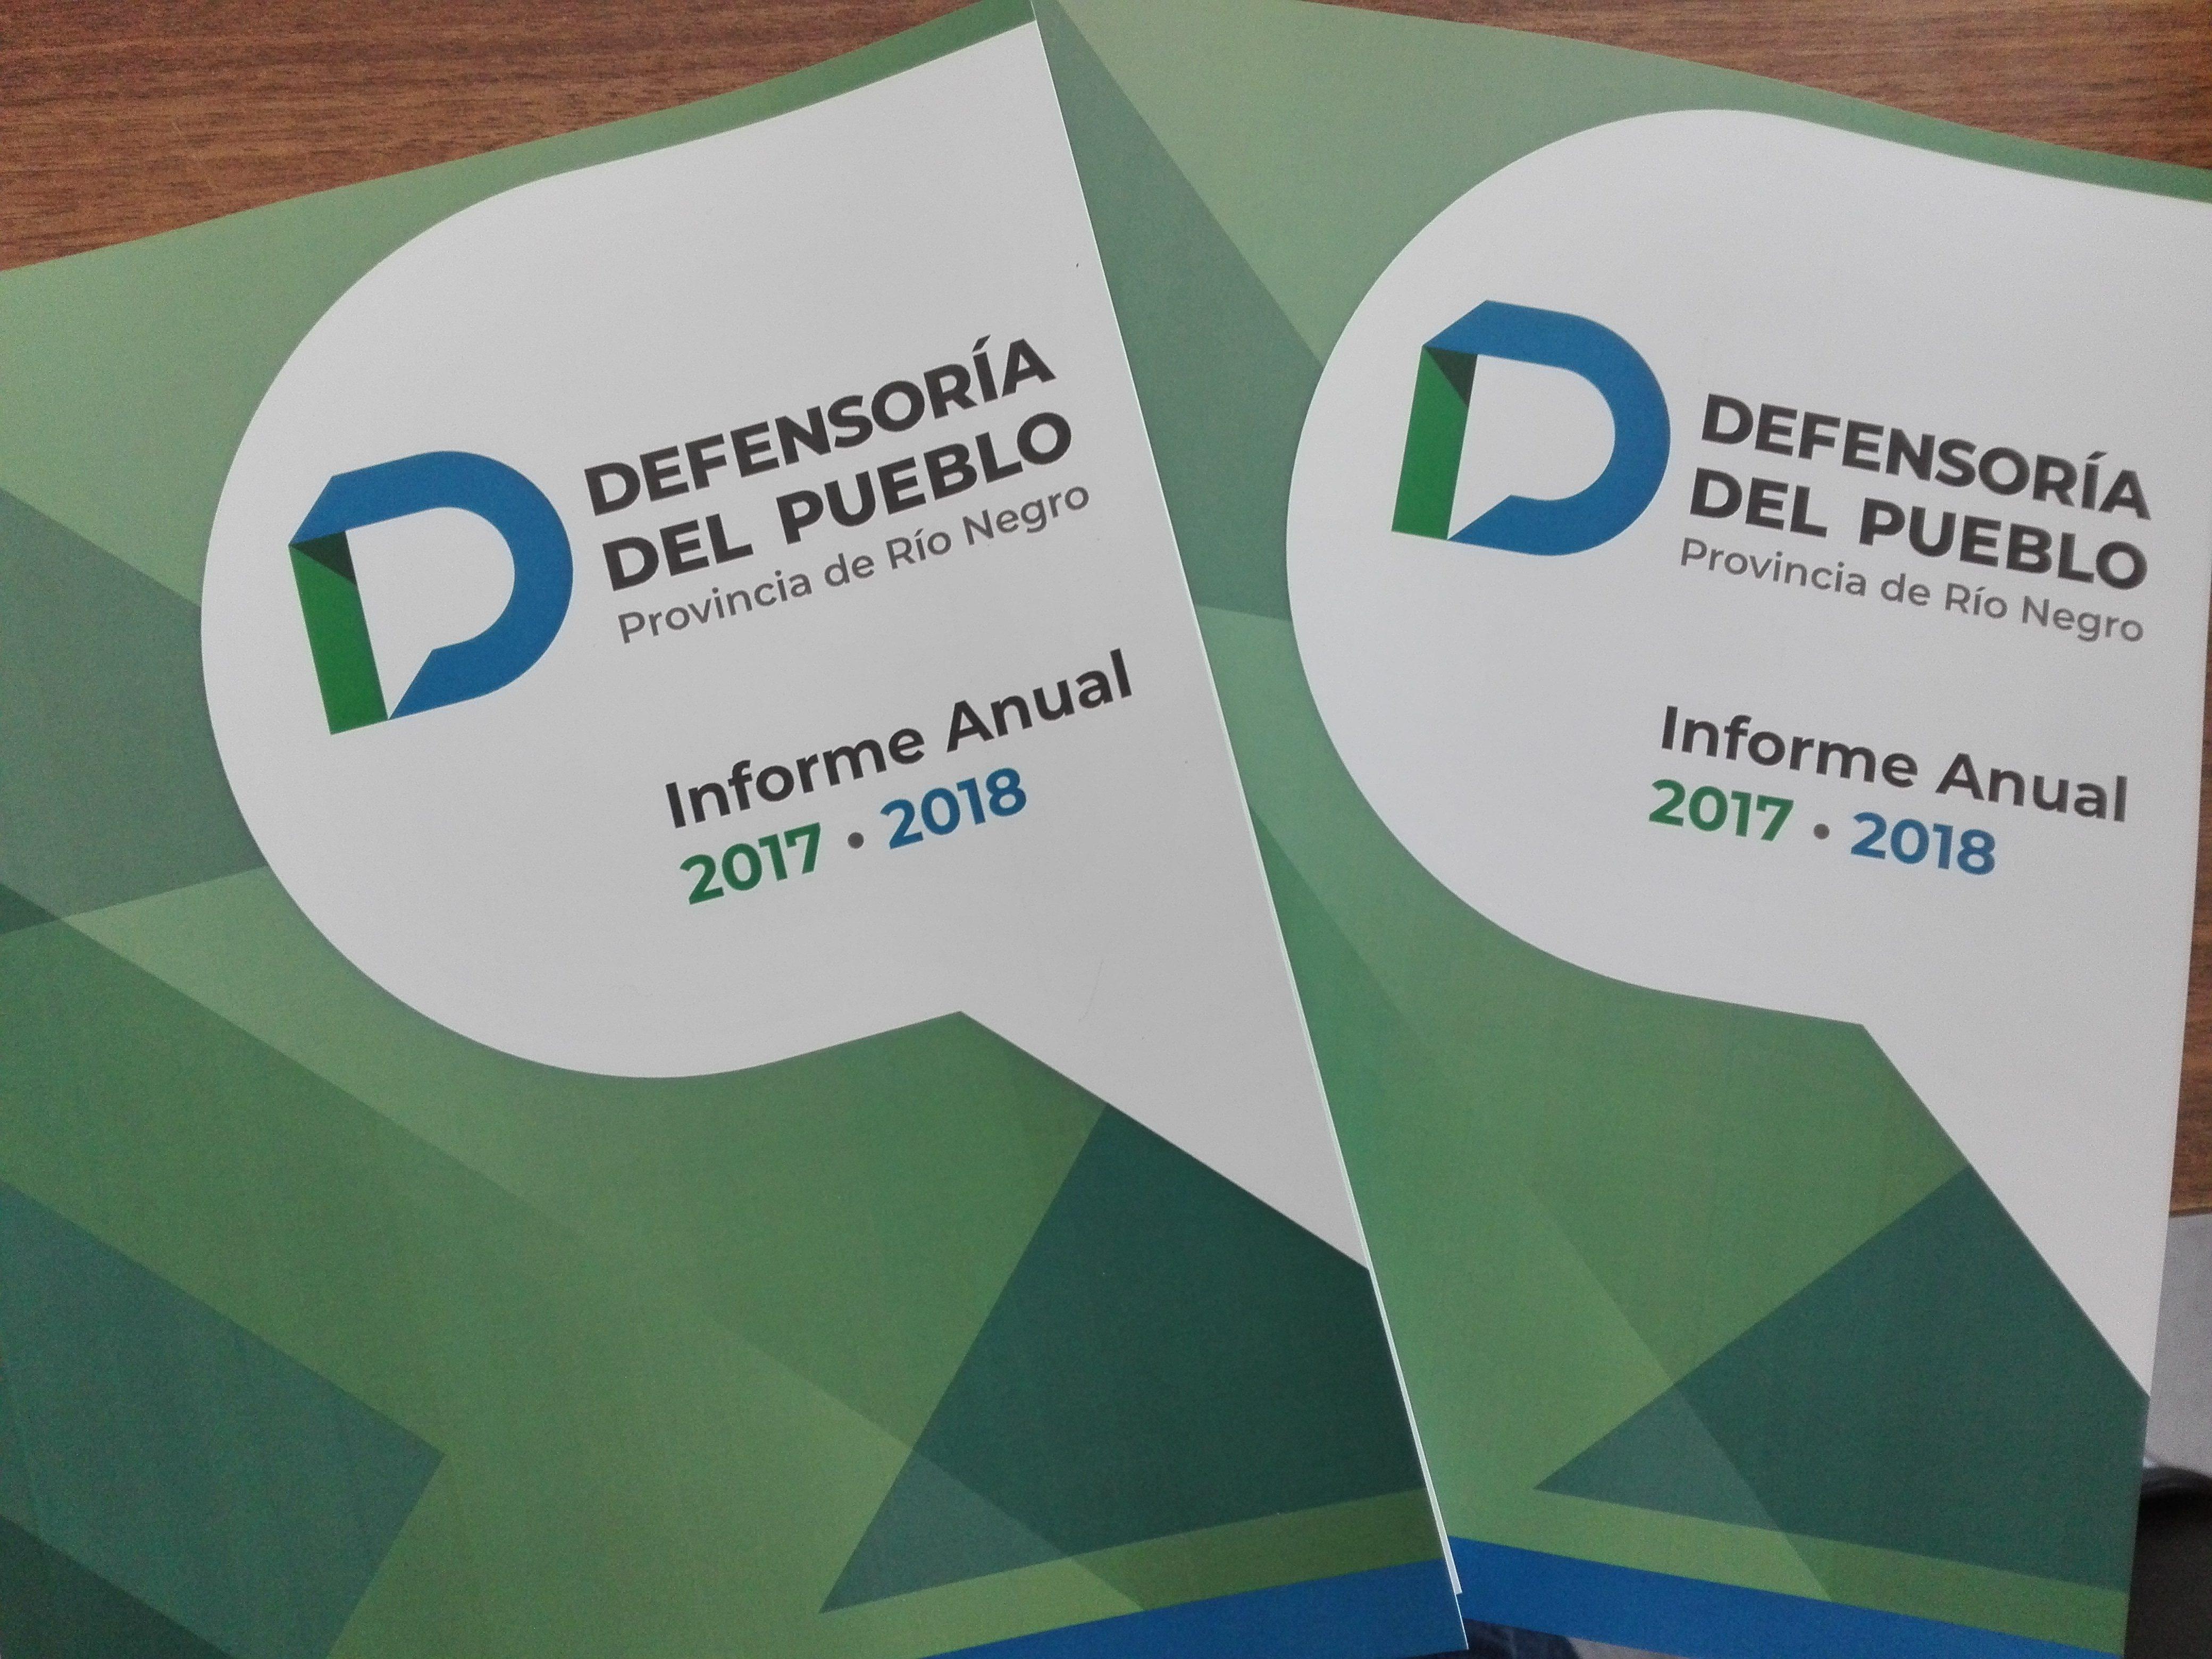 La Defensoría del Pueblo presentó ante la Legislatura de Río Negro el Informe Anual 2017-2018